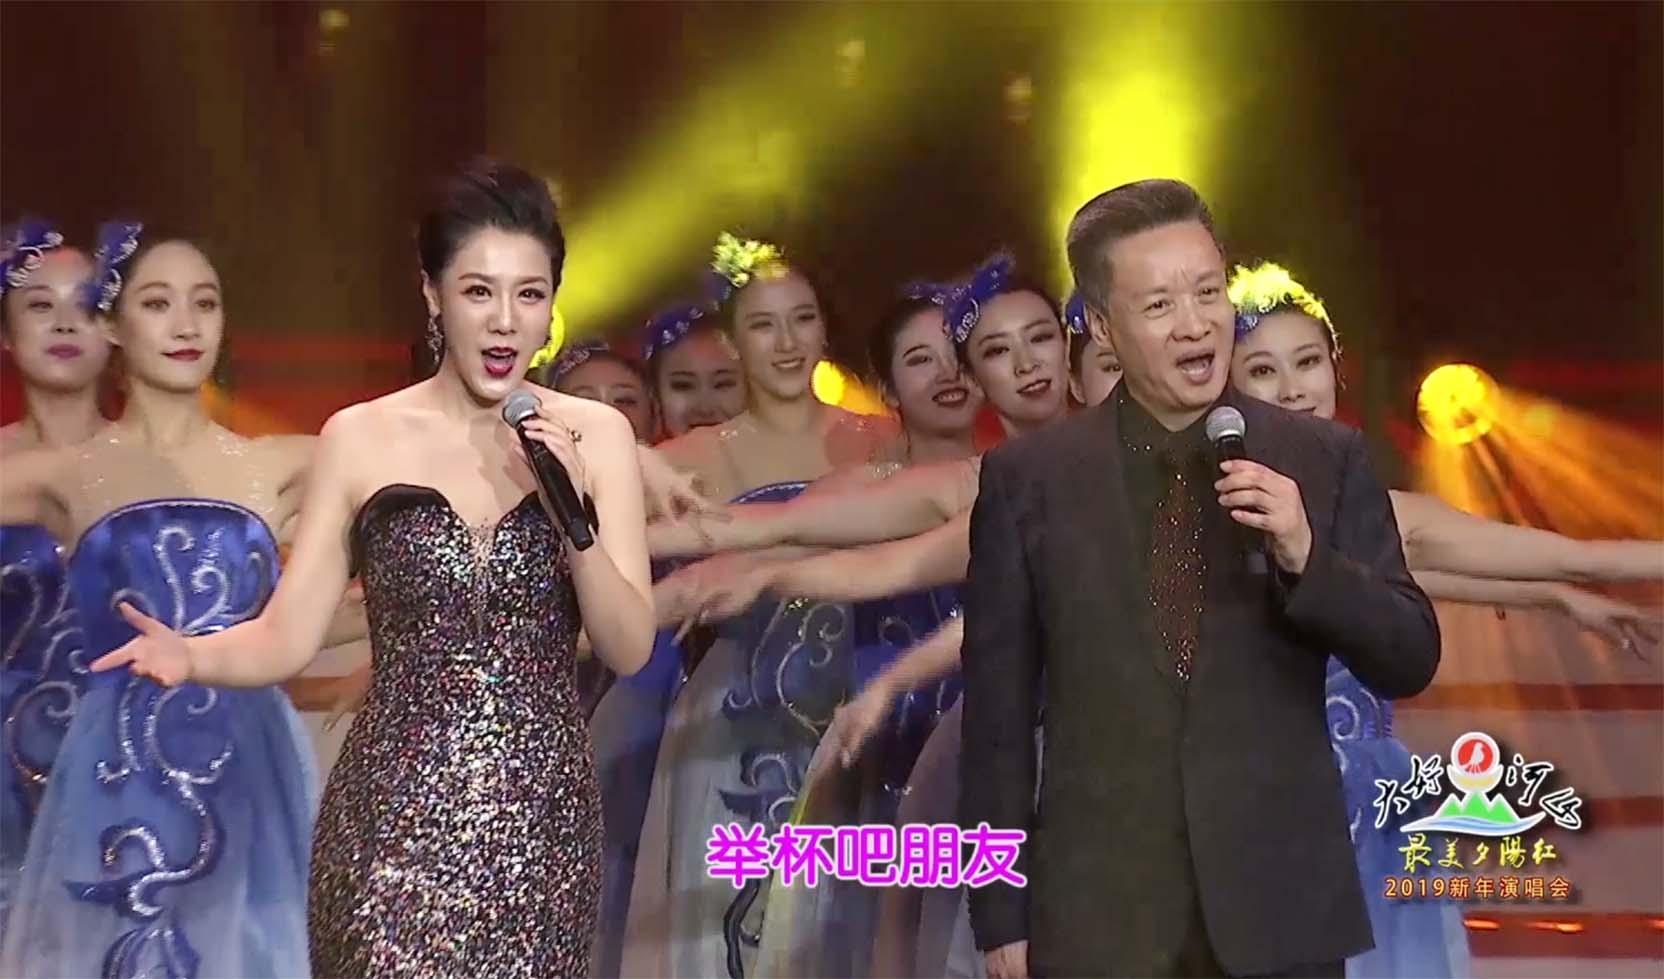 """大好河山2019""""最美夕阳红""""新年公益晚会 歌曲《举杯吧朋友》阎维文 王喆"""